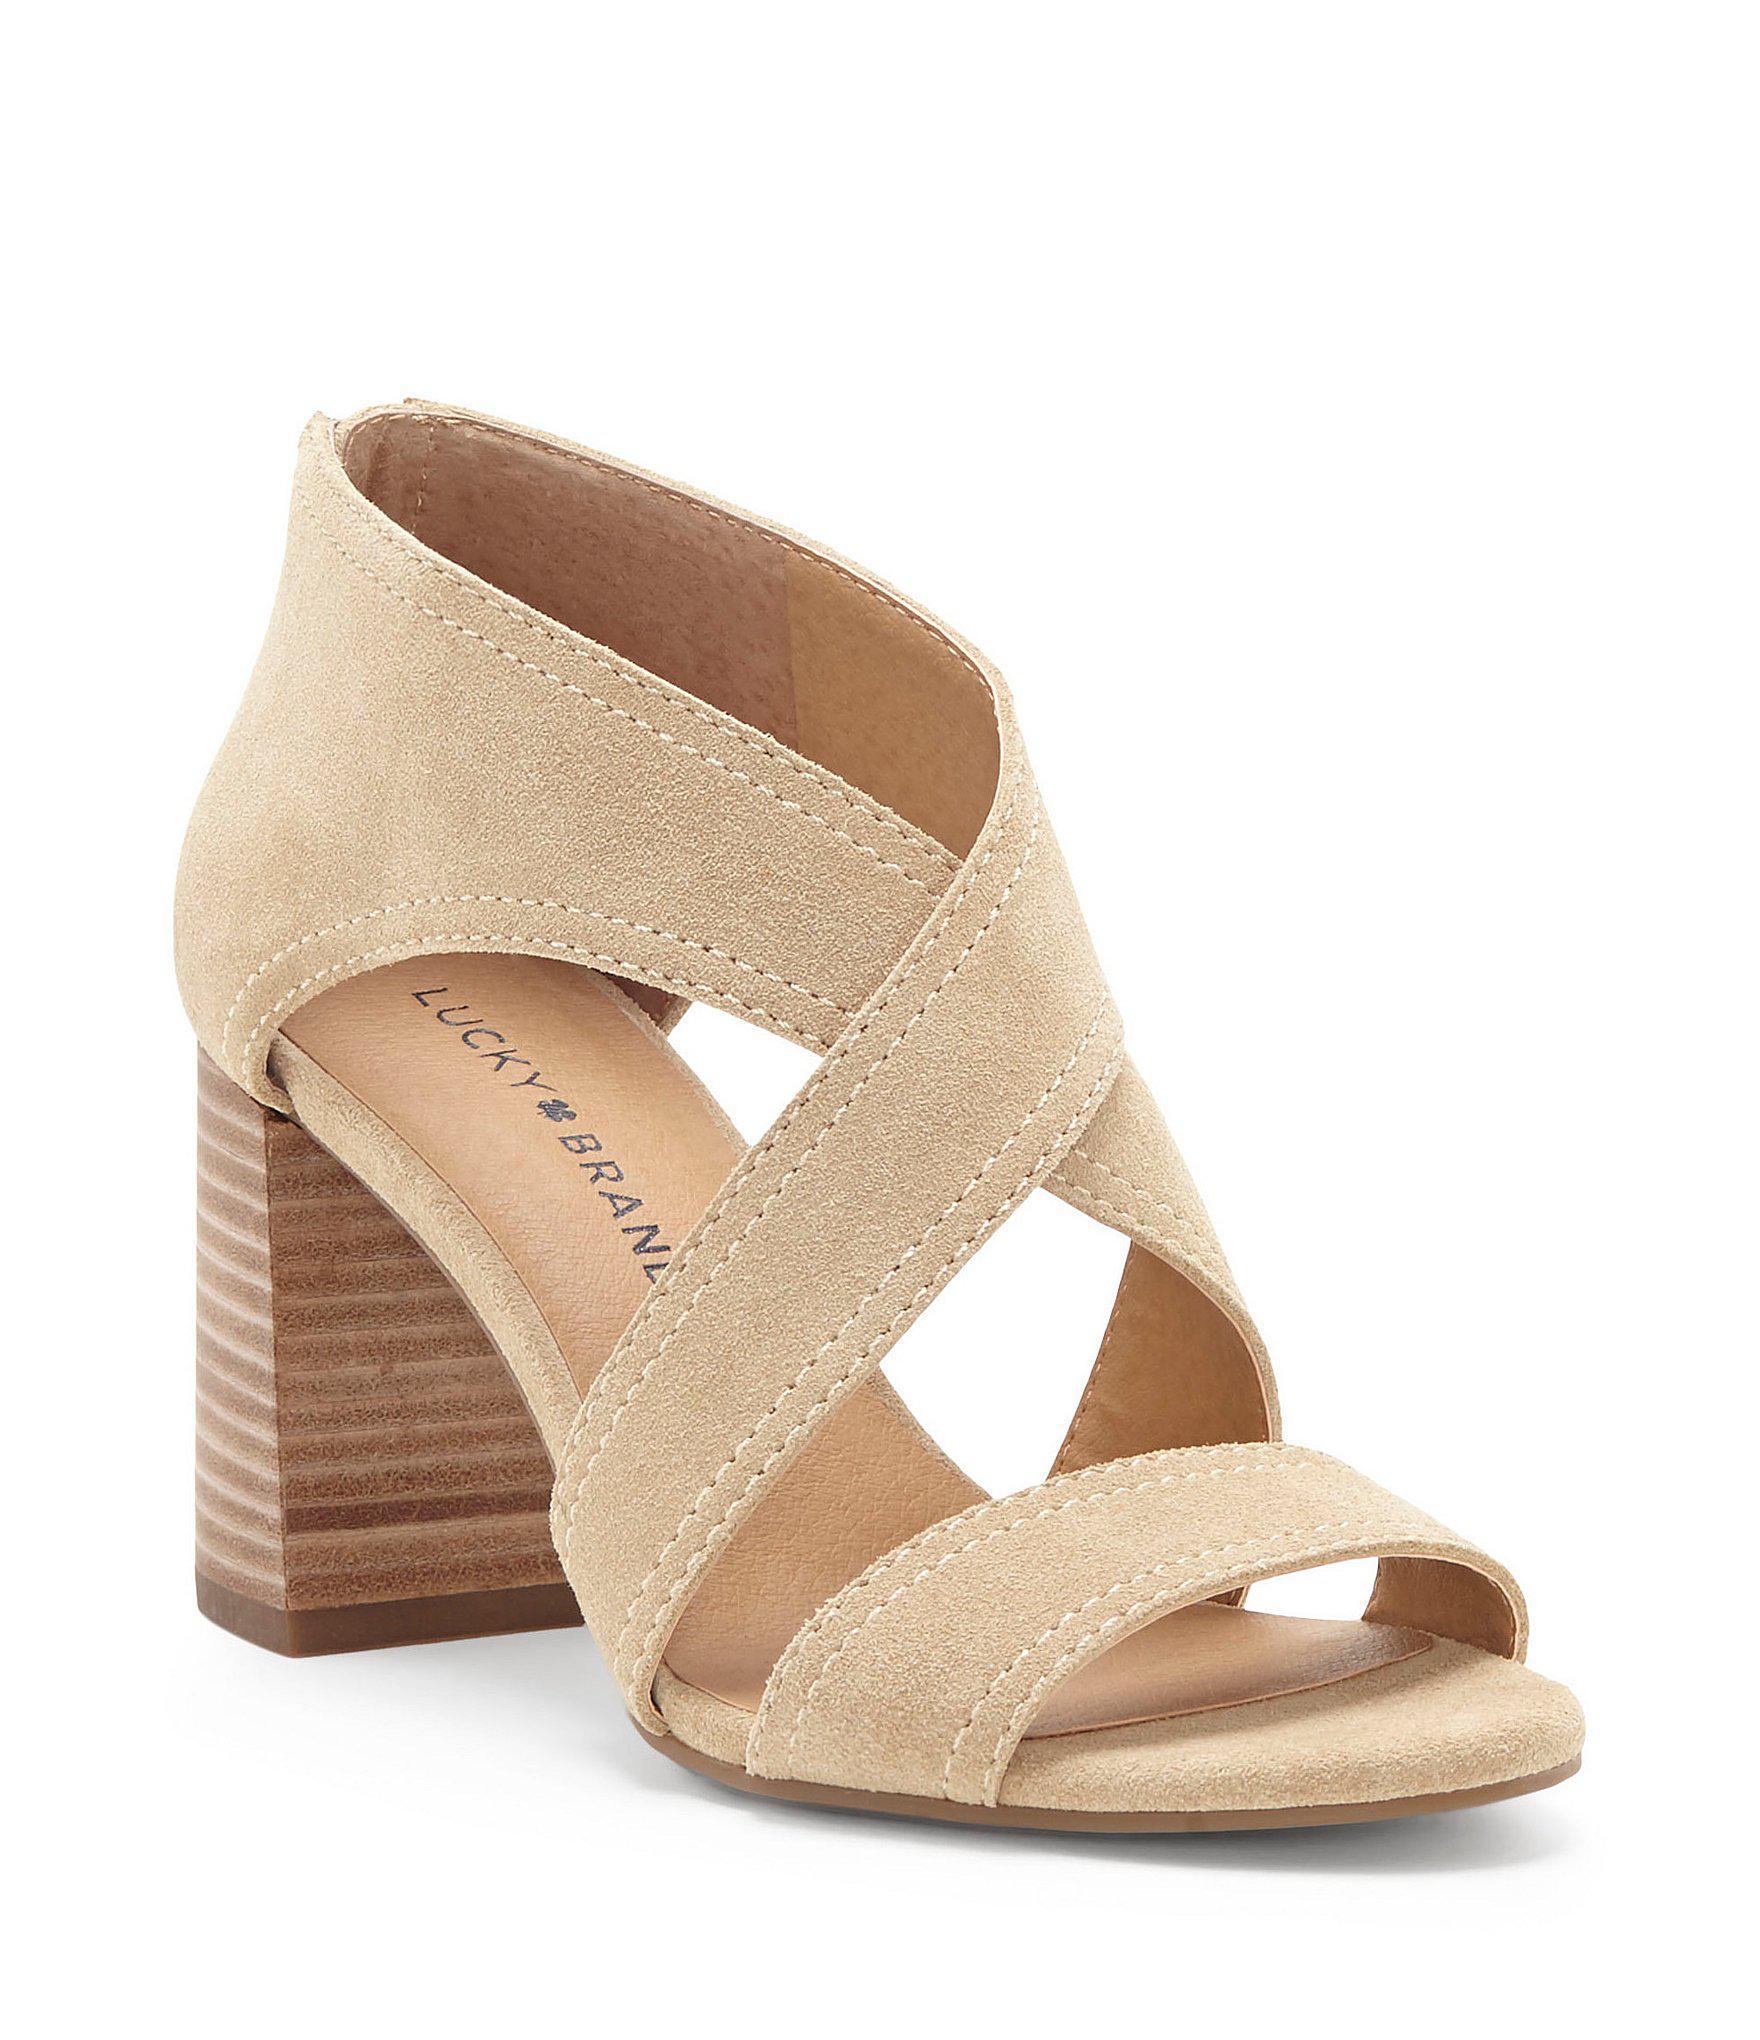 23bbc3a139e Lyst - Lucky Brand Vidva Suede Block Heel Sandals in Brown